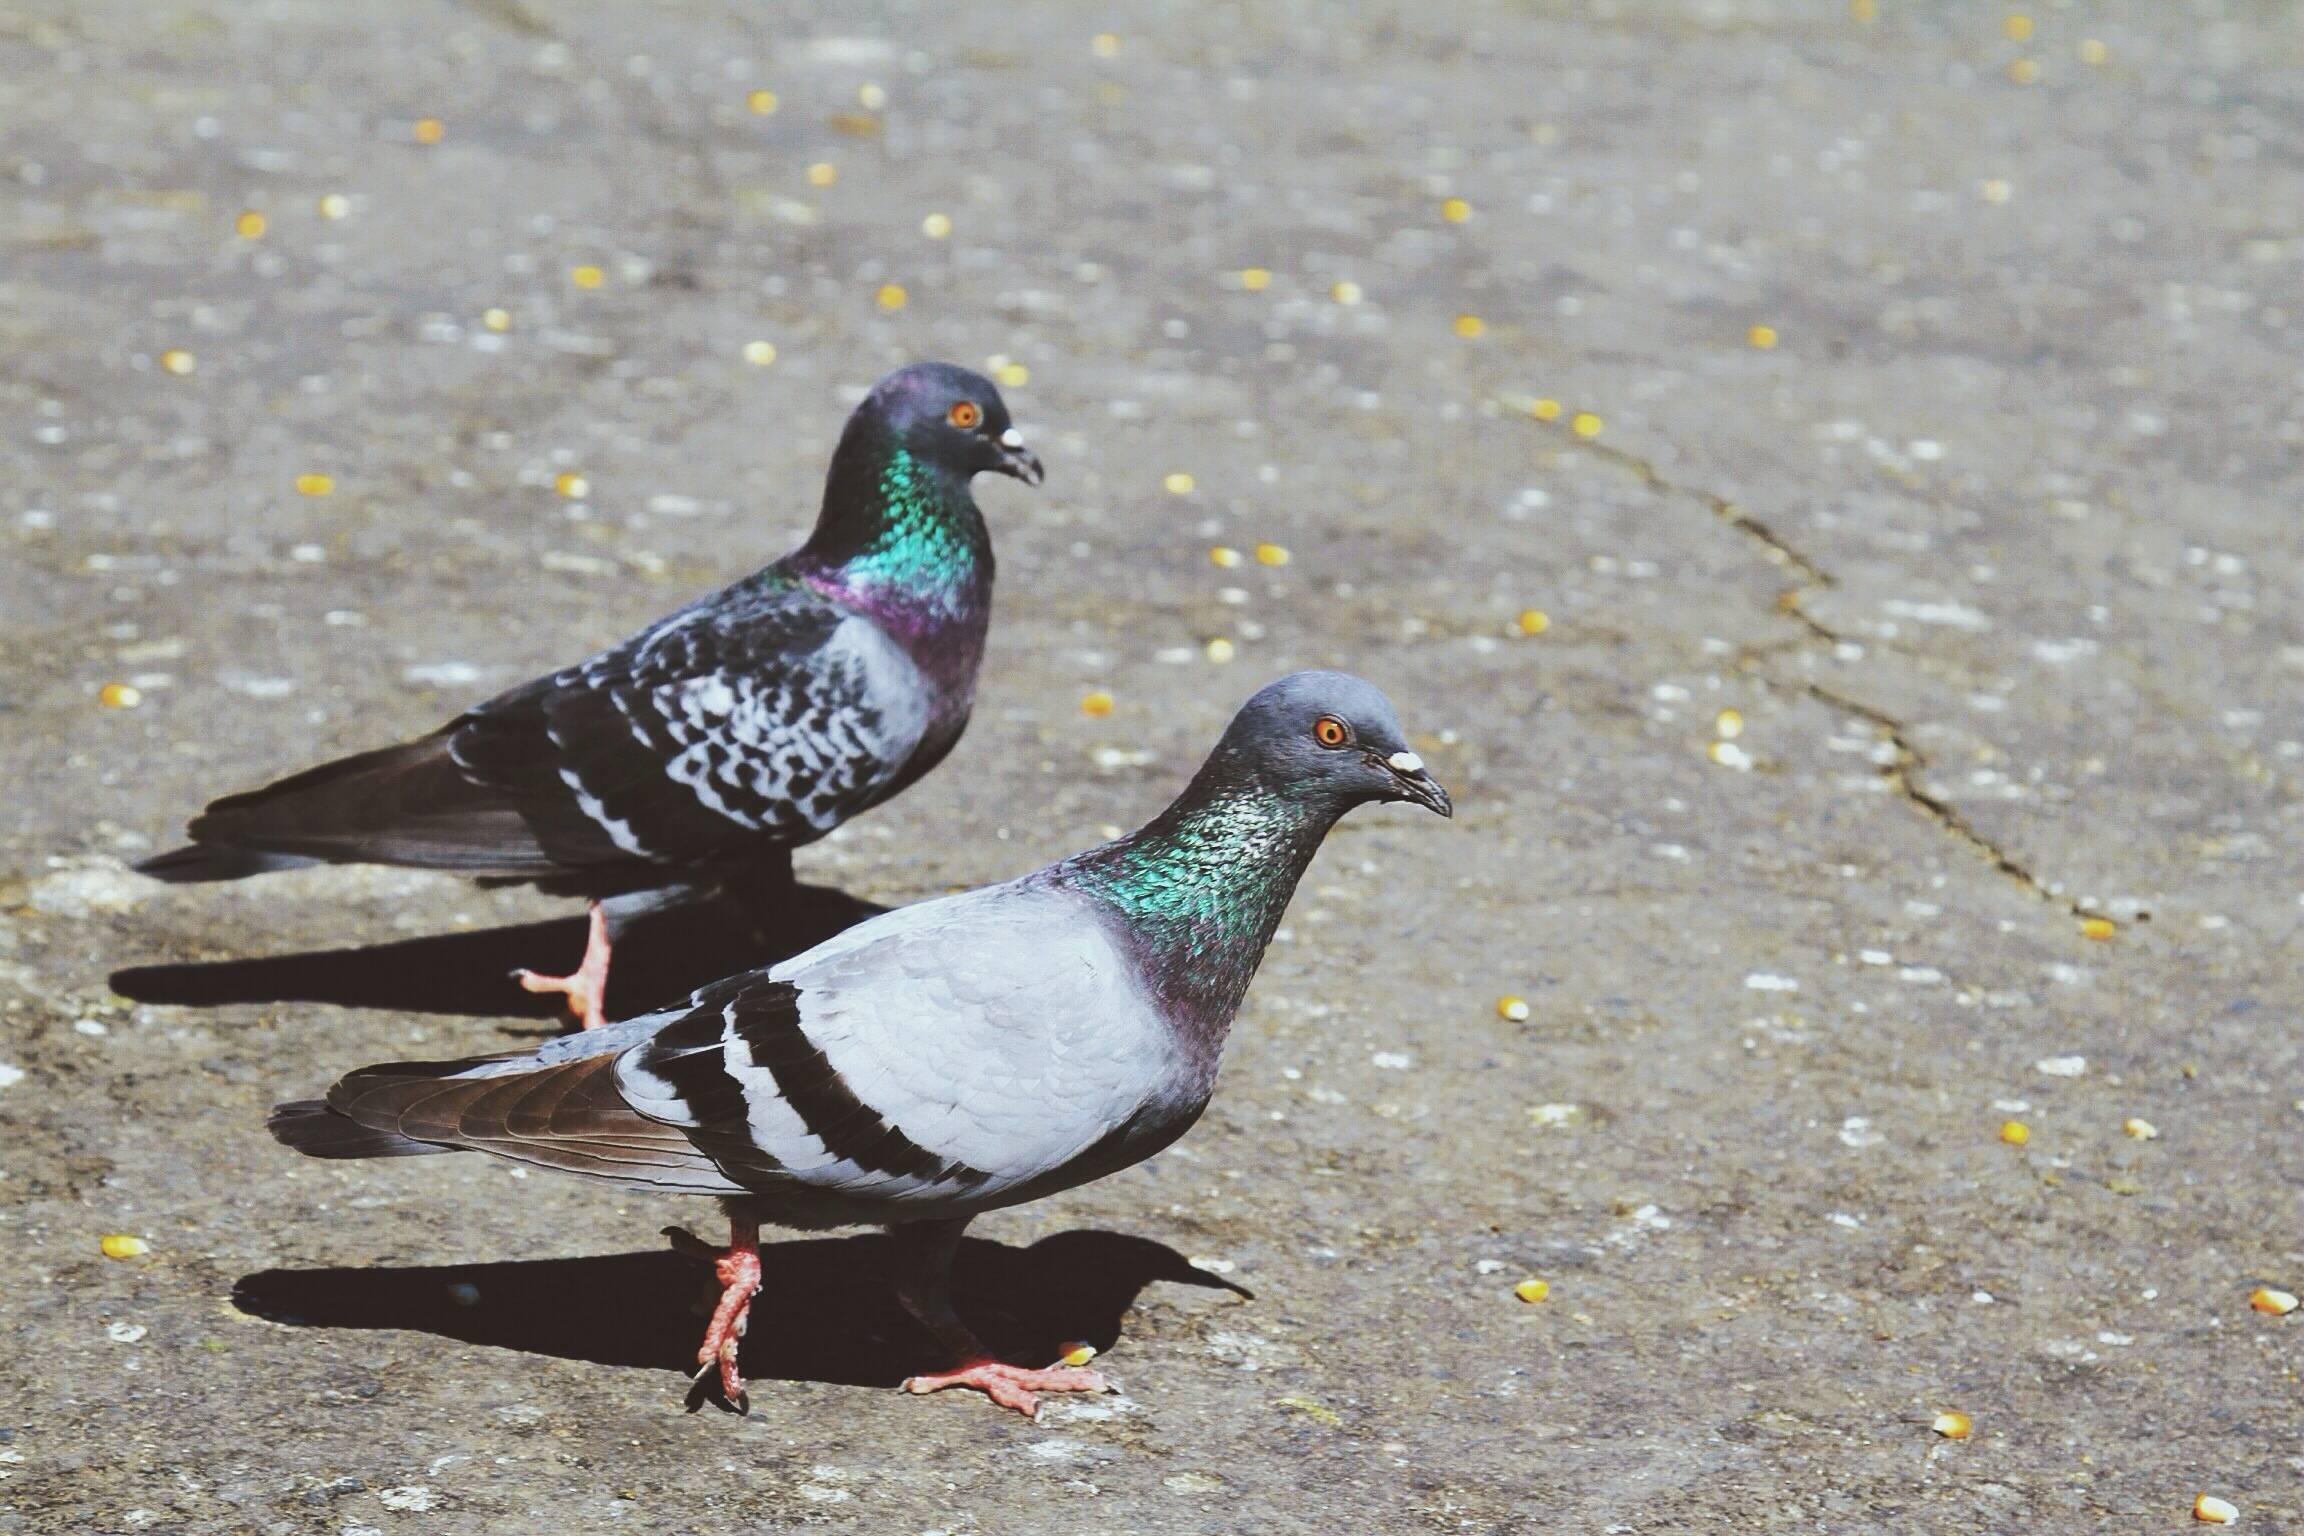 【新常识,快相识】鸽子饿一饿可以办理这些问